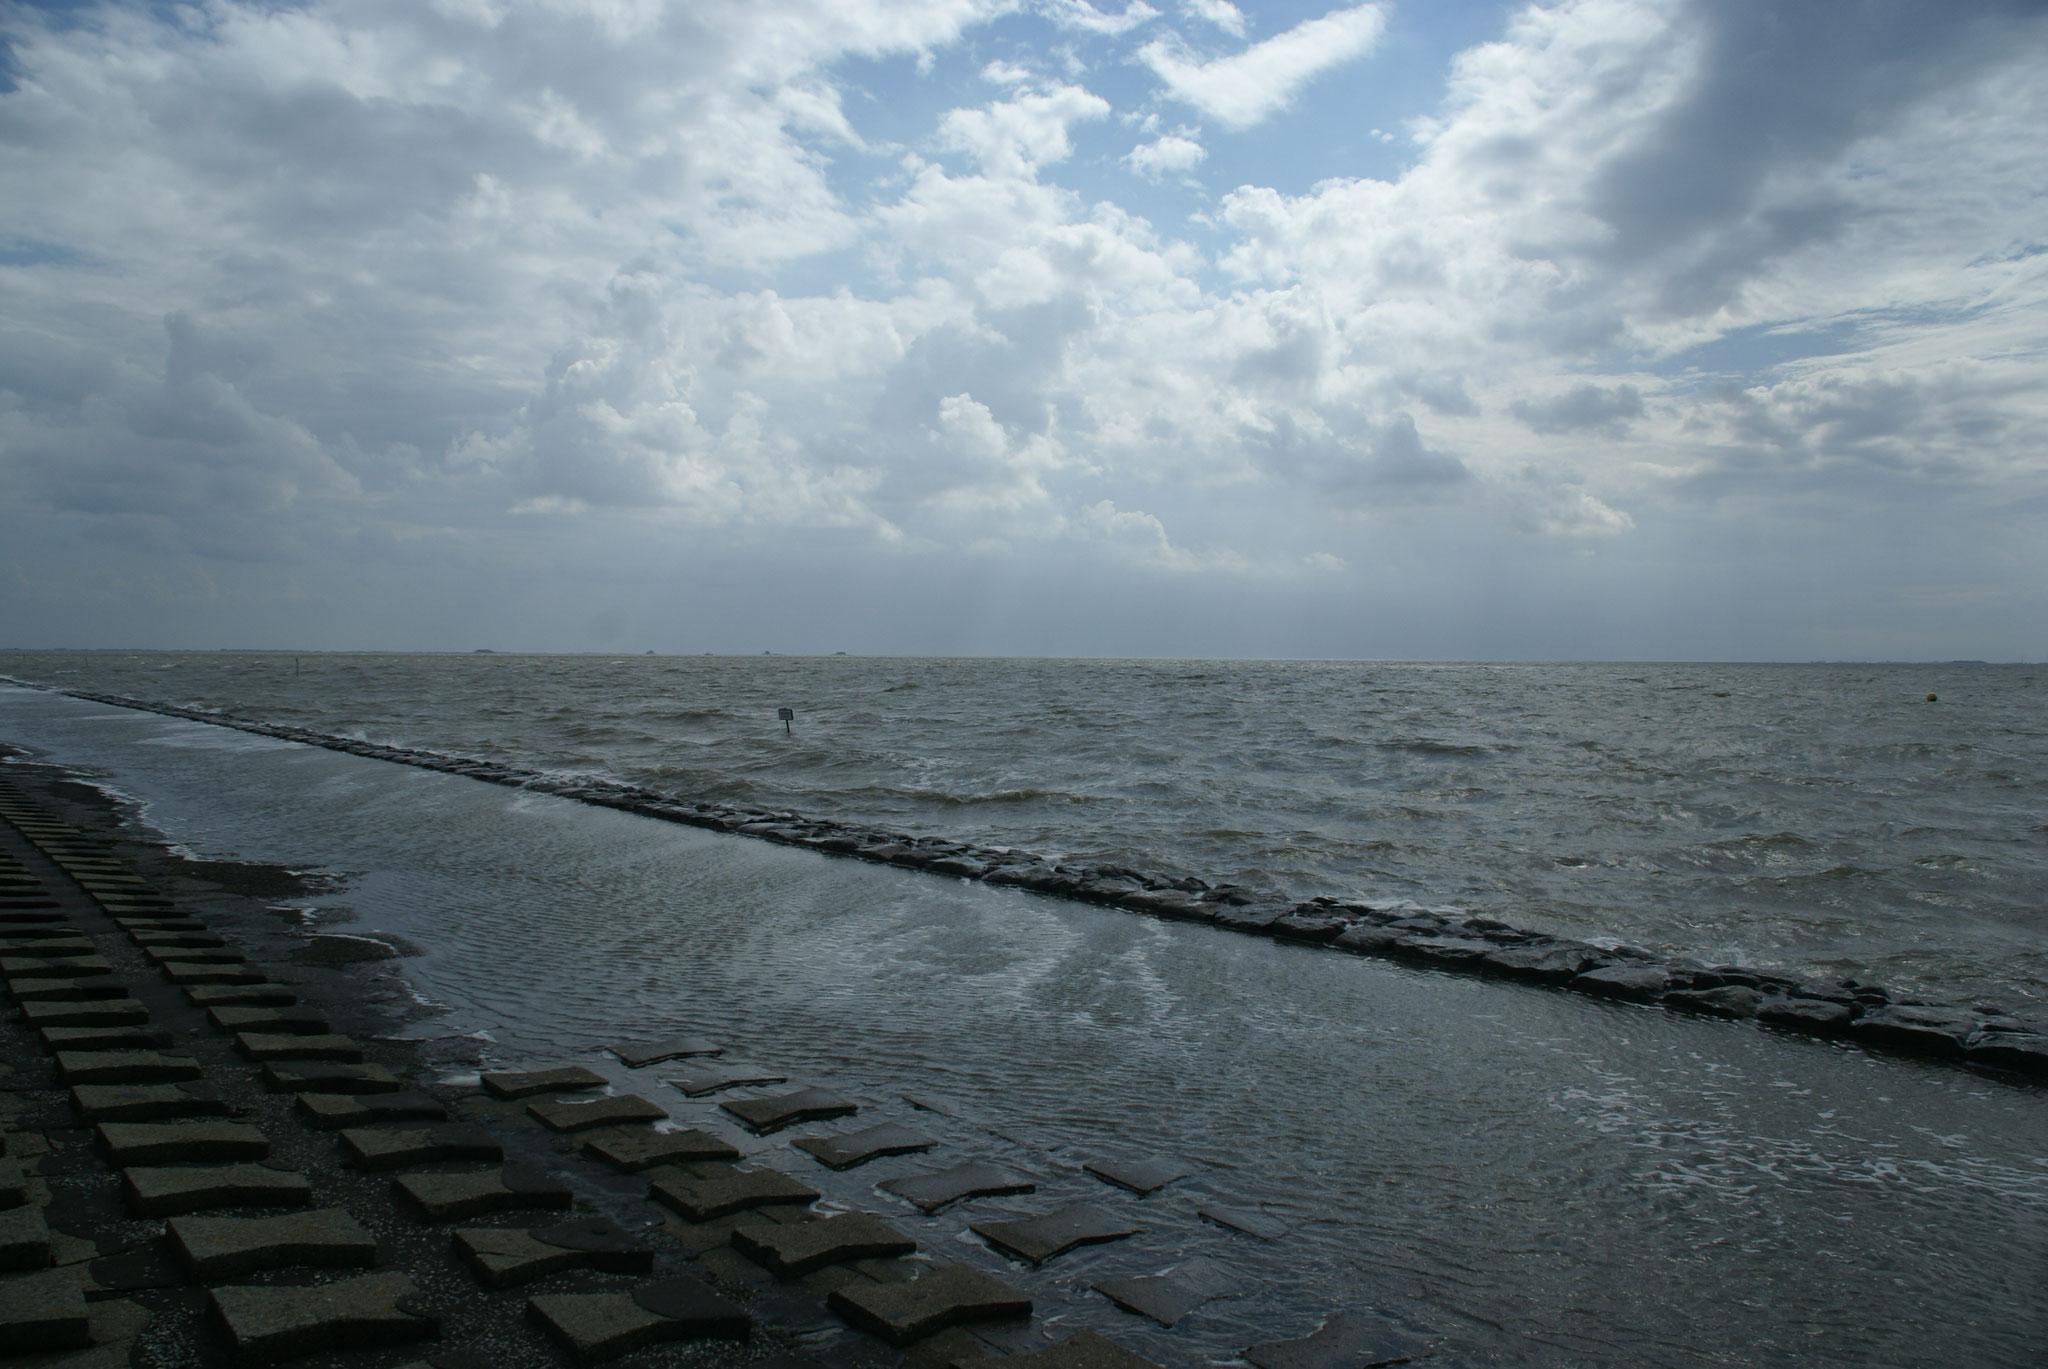 die Hallig wird überflutet, eine sogenannte Kantenflut